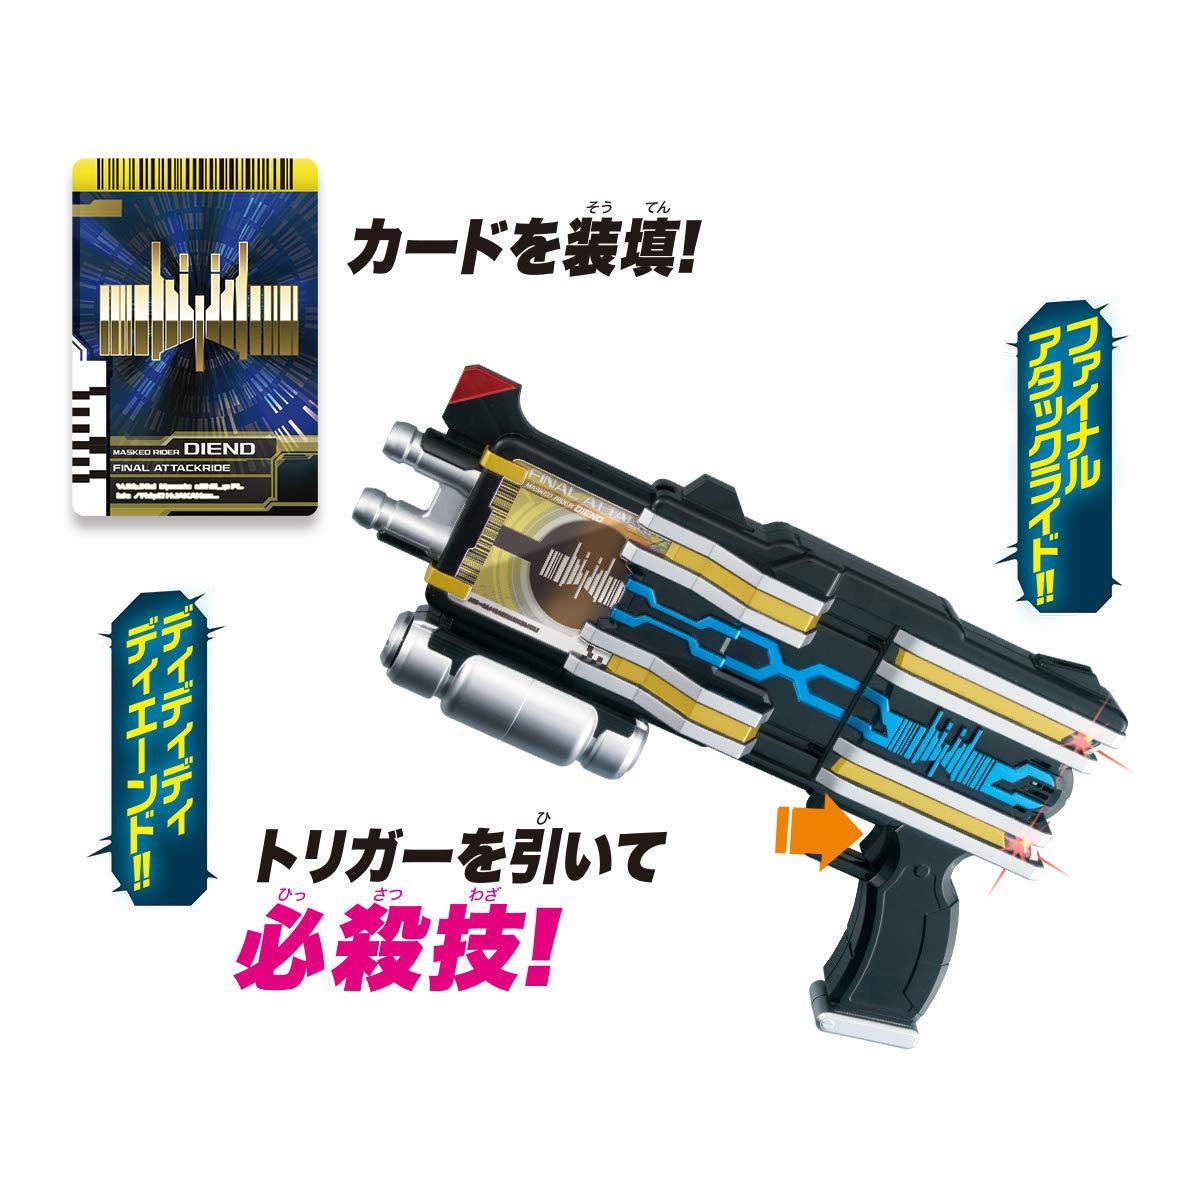 仮面ライダーディケイド『変身装填銃 ver.20th DXディエンドライバー』変身なりきり-008